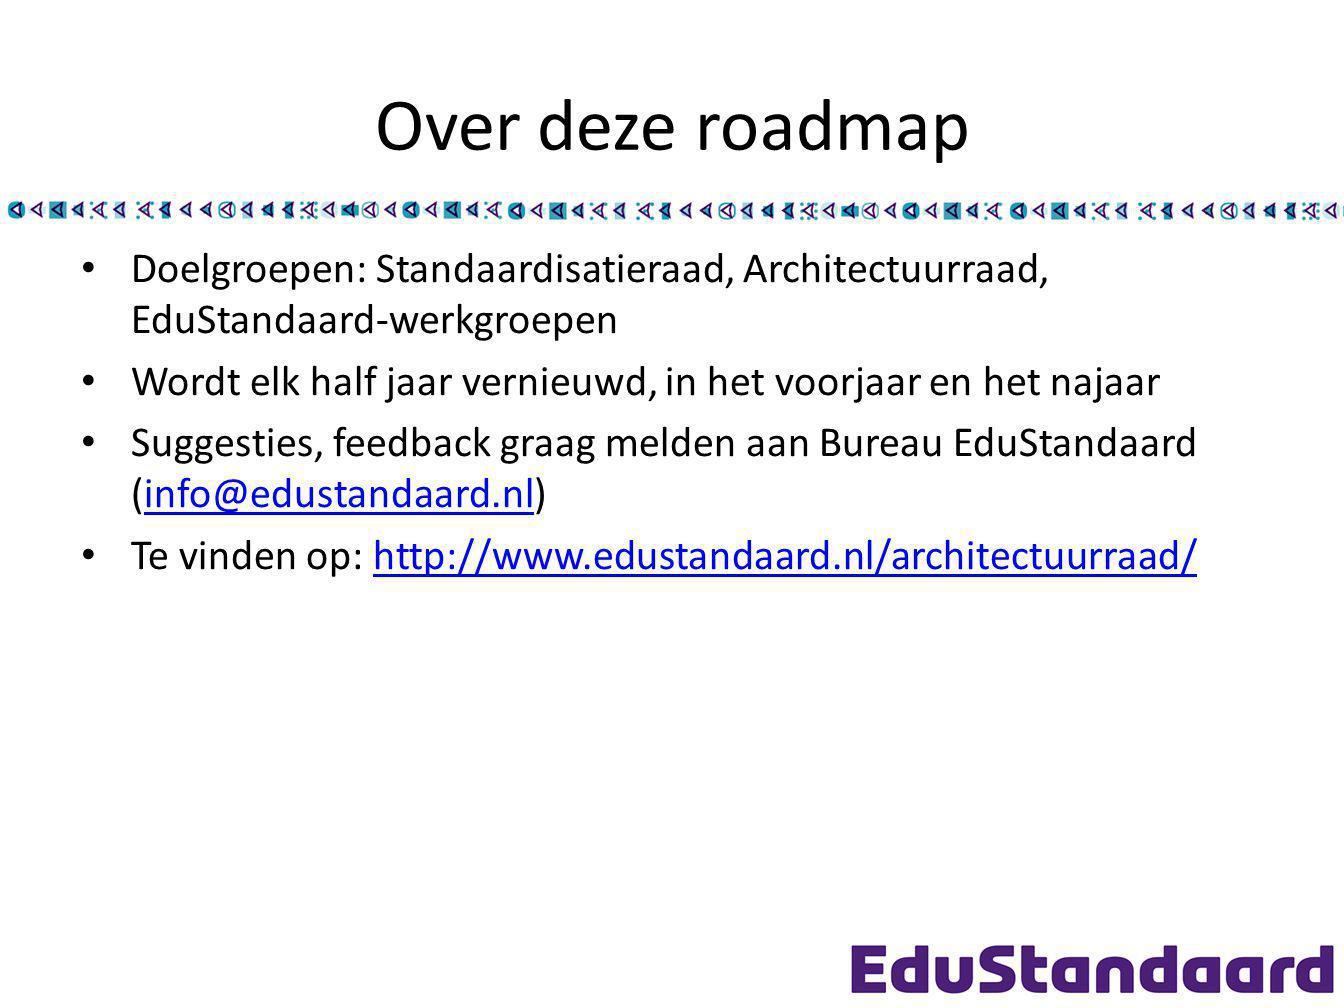 Over deze roadmap Doelgroepen: Standaardisatieraad, Architectuurraad, EduStandaard-werkgroepen.